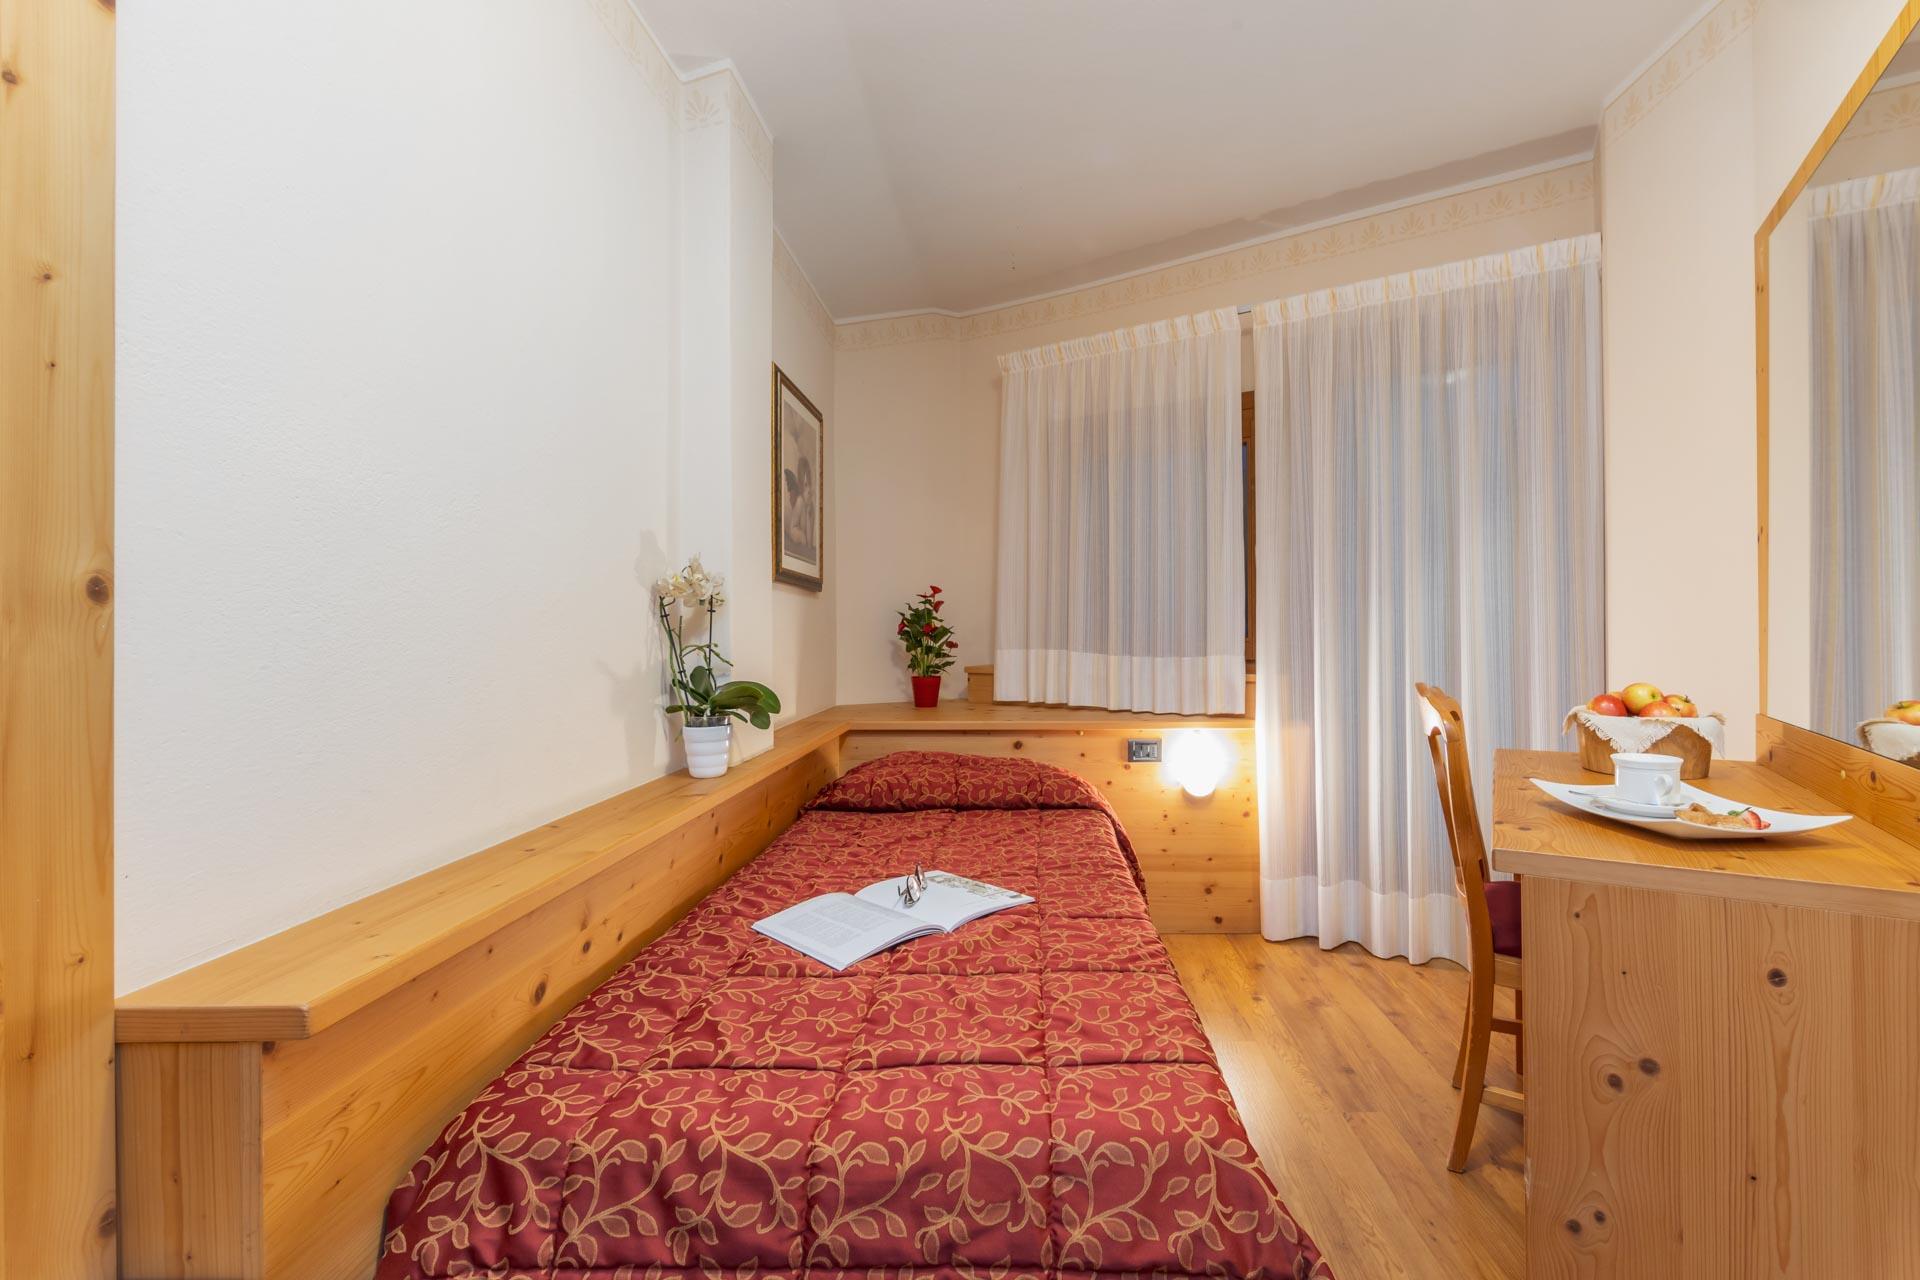 hotel-vicino-molveno-e-terme-di-comano-miravalle-cucina-tipica-con-piscina-113